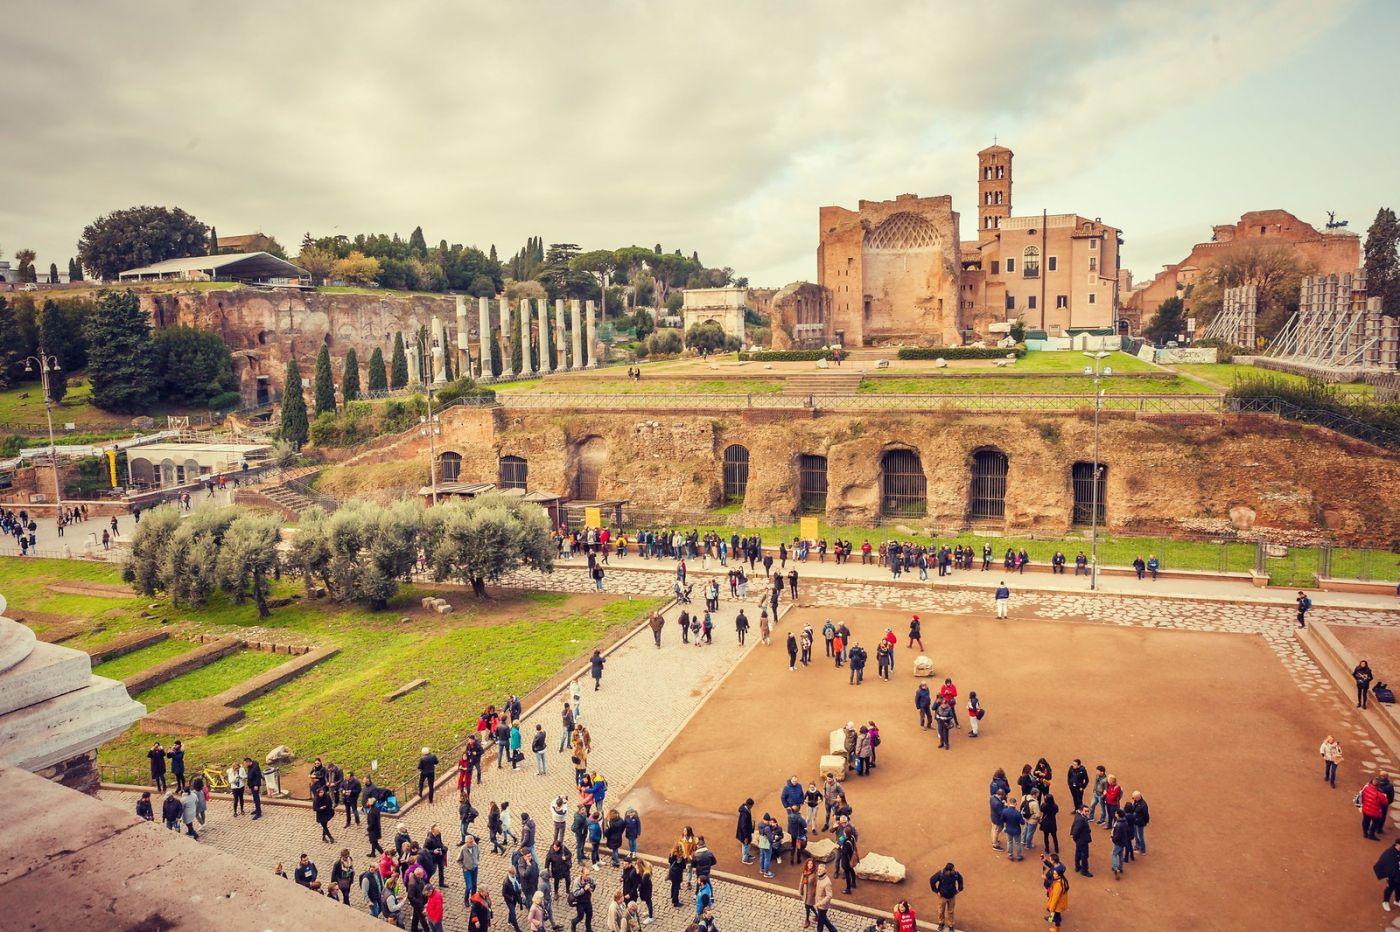 意大利罗马论坛,很敬佩_图1-9